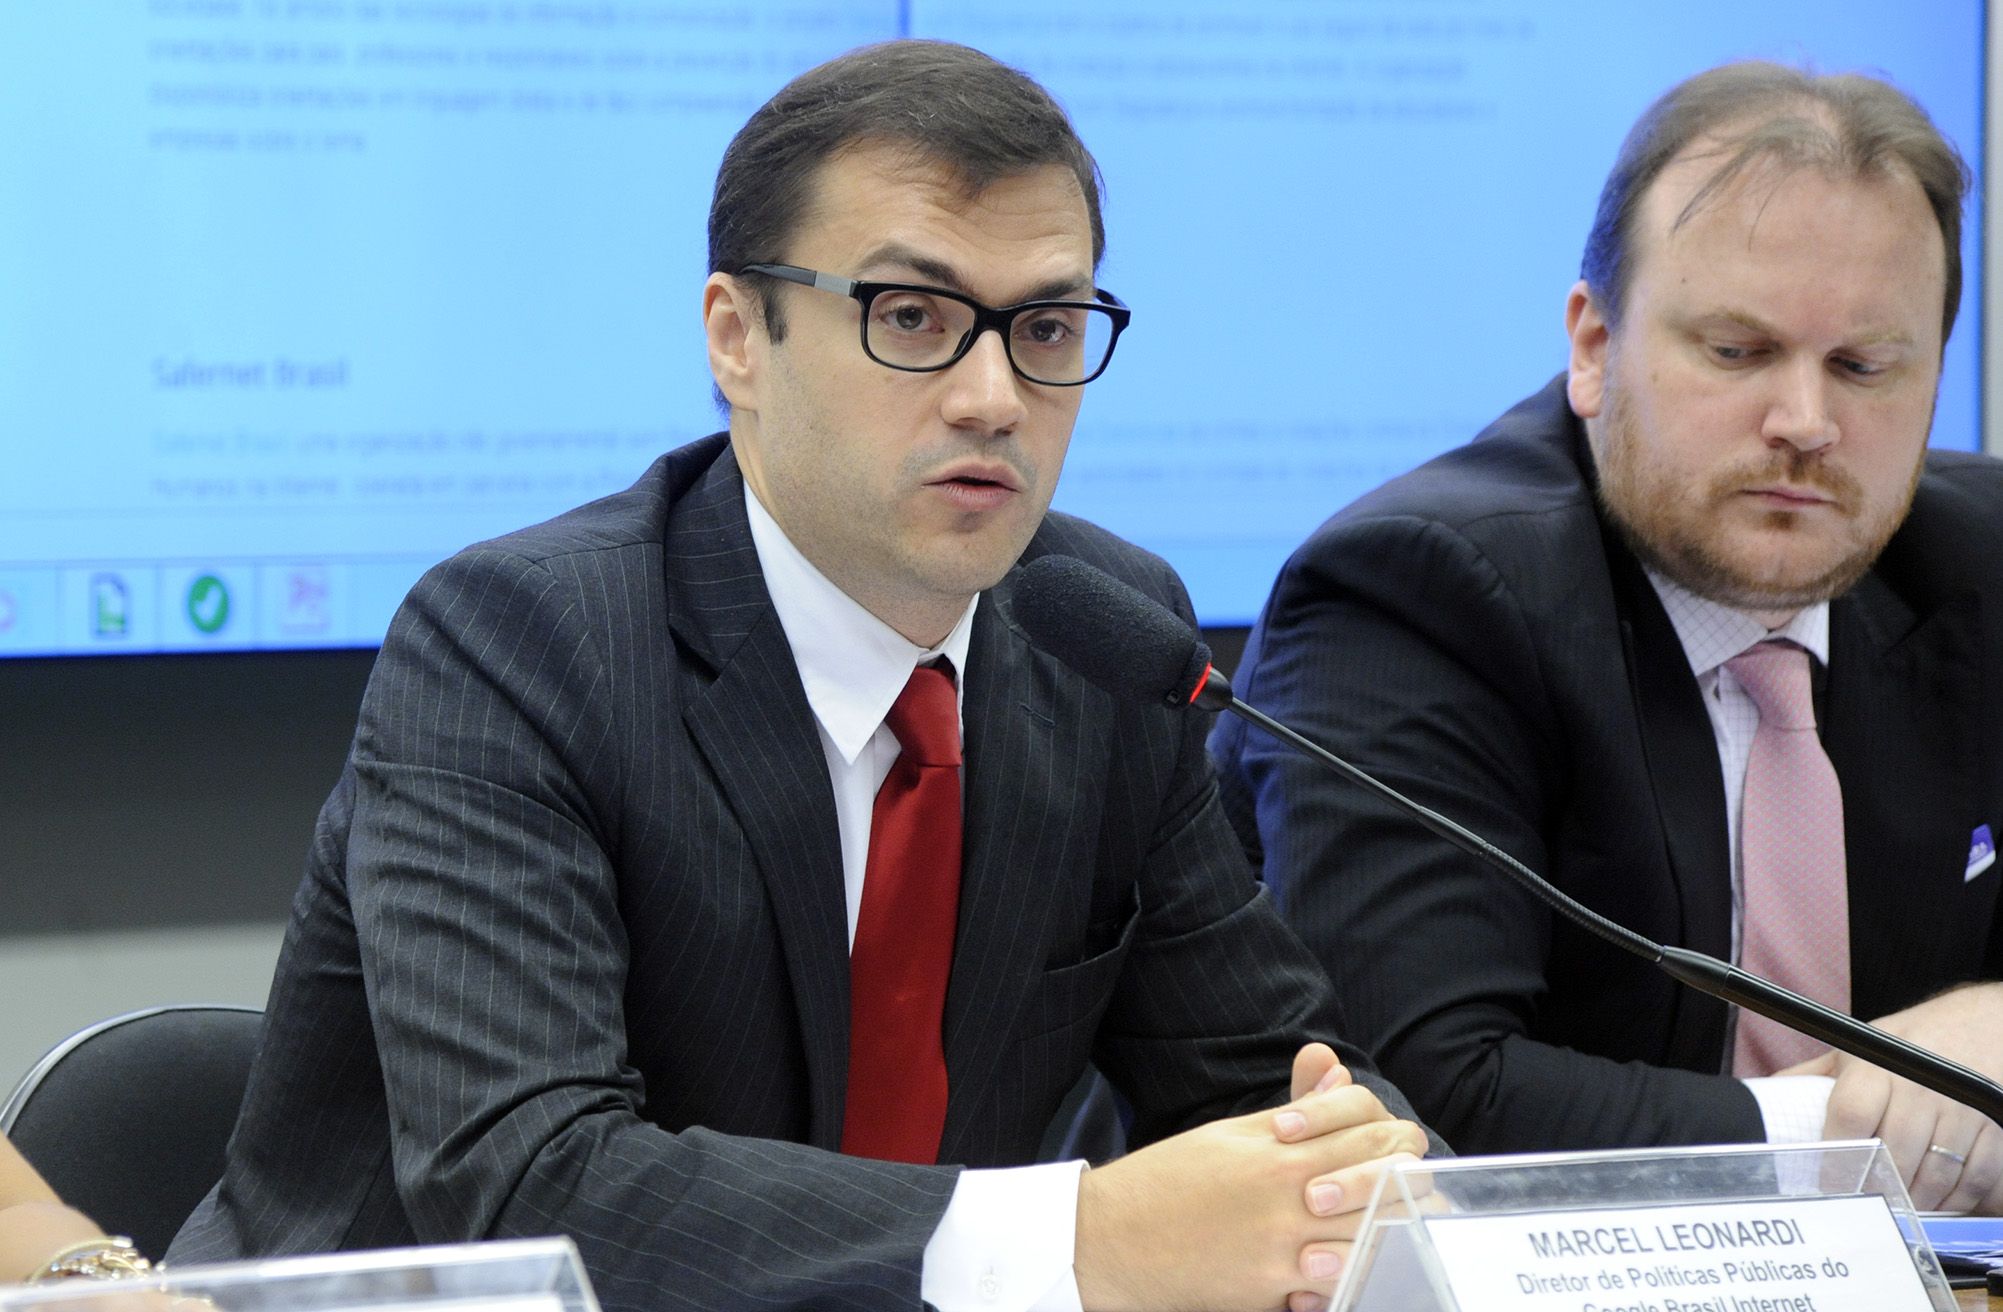 Audiência Pública. Diretor de Políticas Públicas do Google Brasil Internet, Marcel Leonardi